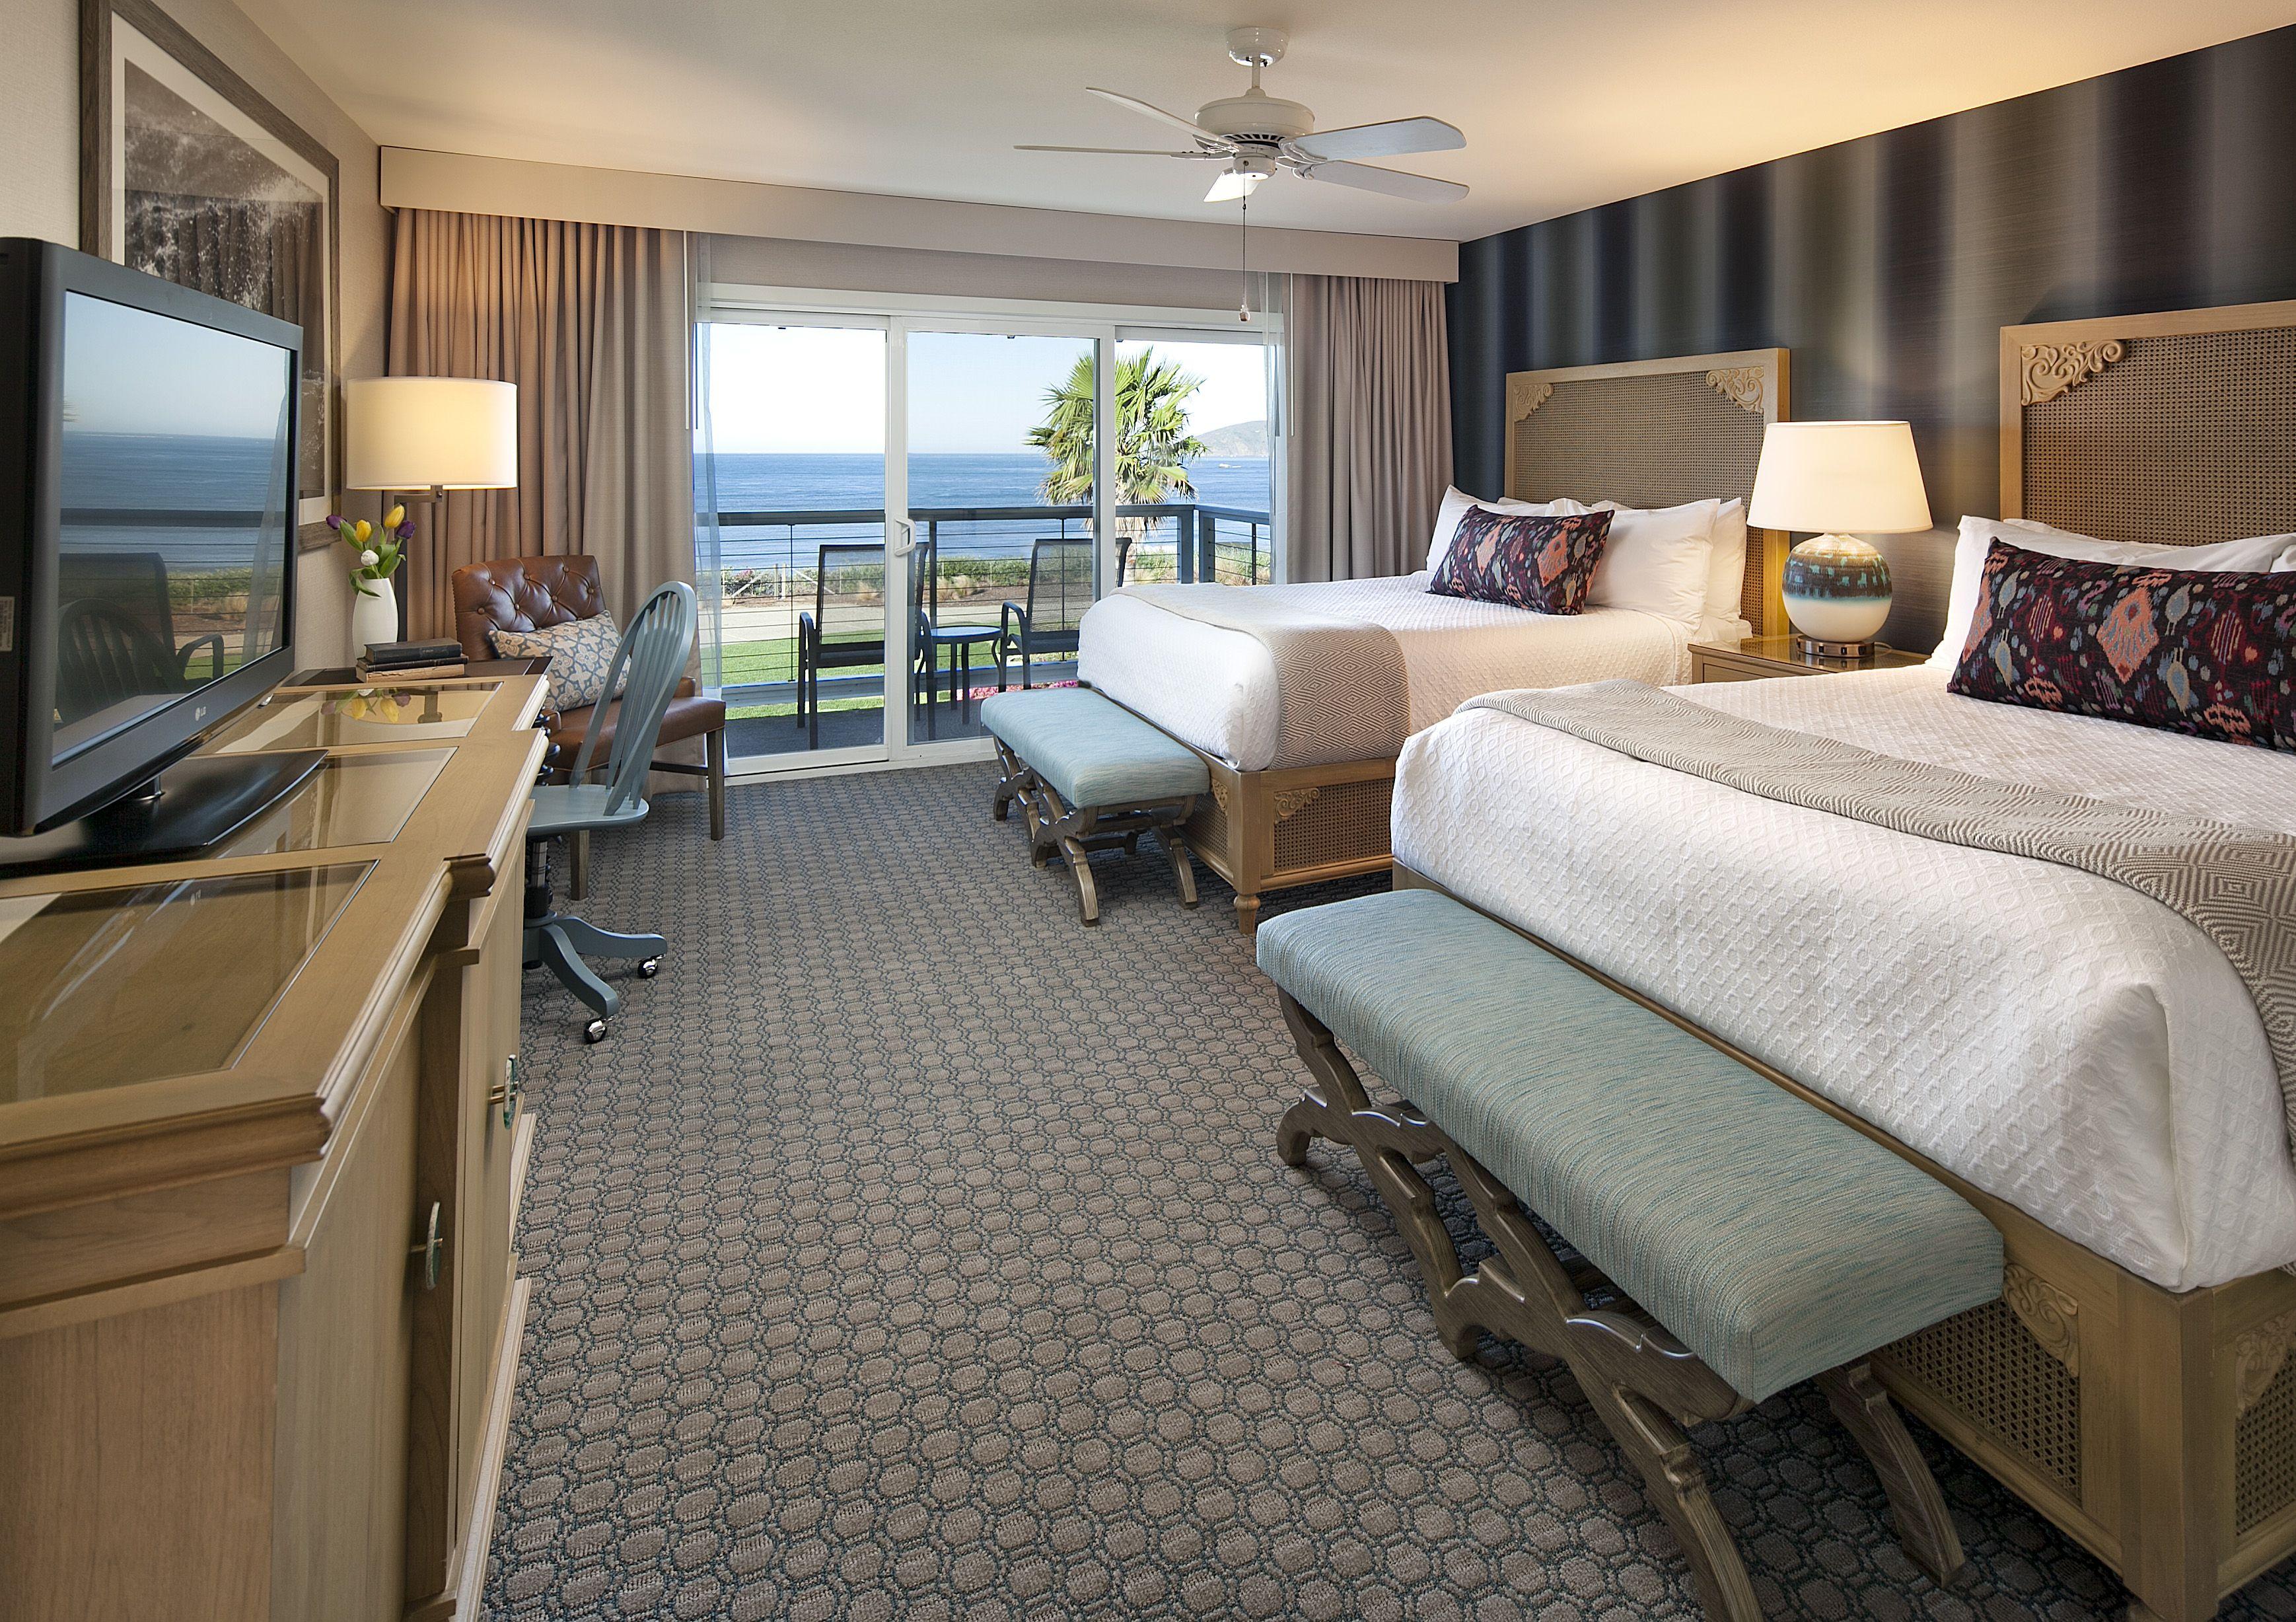 Oceanfront Hotel Rooms In Pismo Beach Ca Jpg